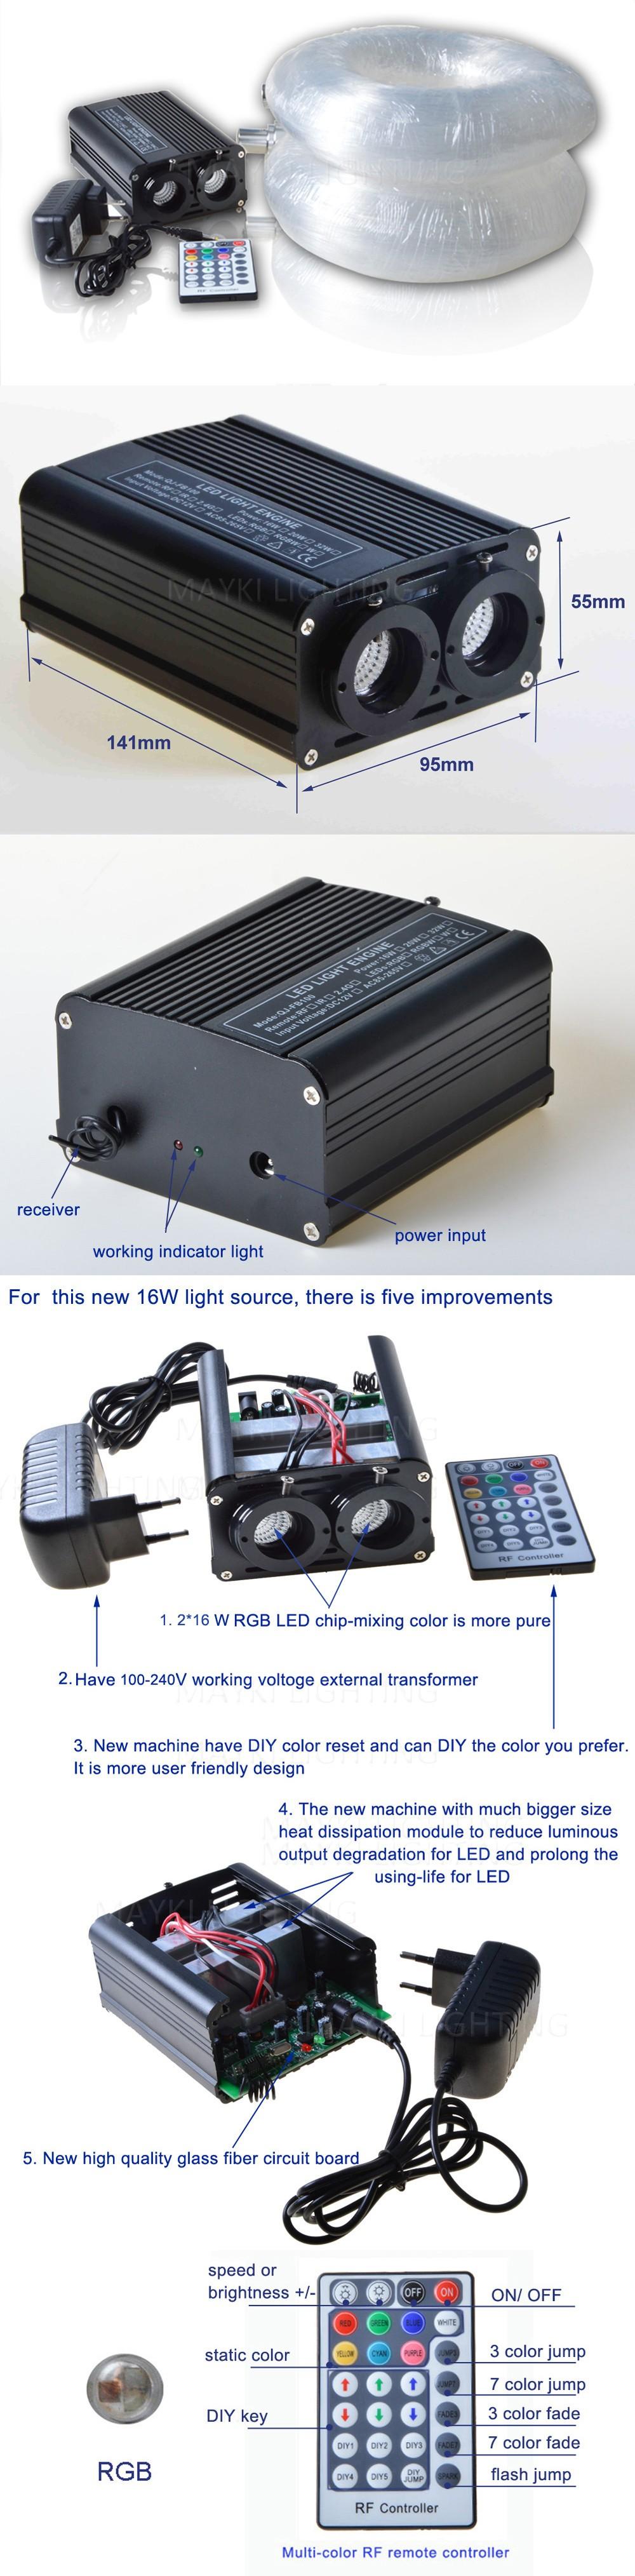 MK-L32W-2-fiber-optic-star-ceiling-kit